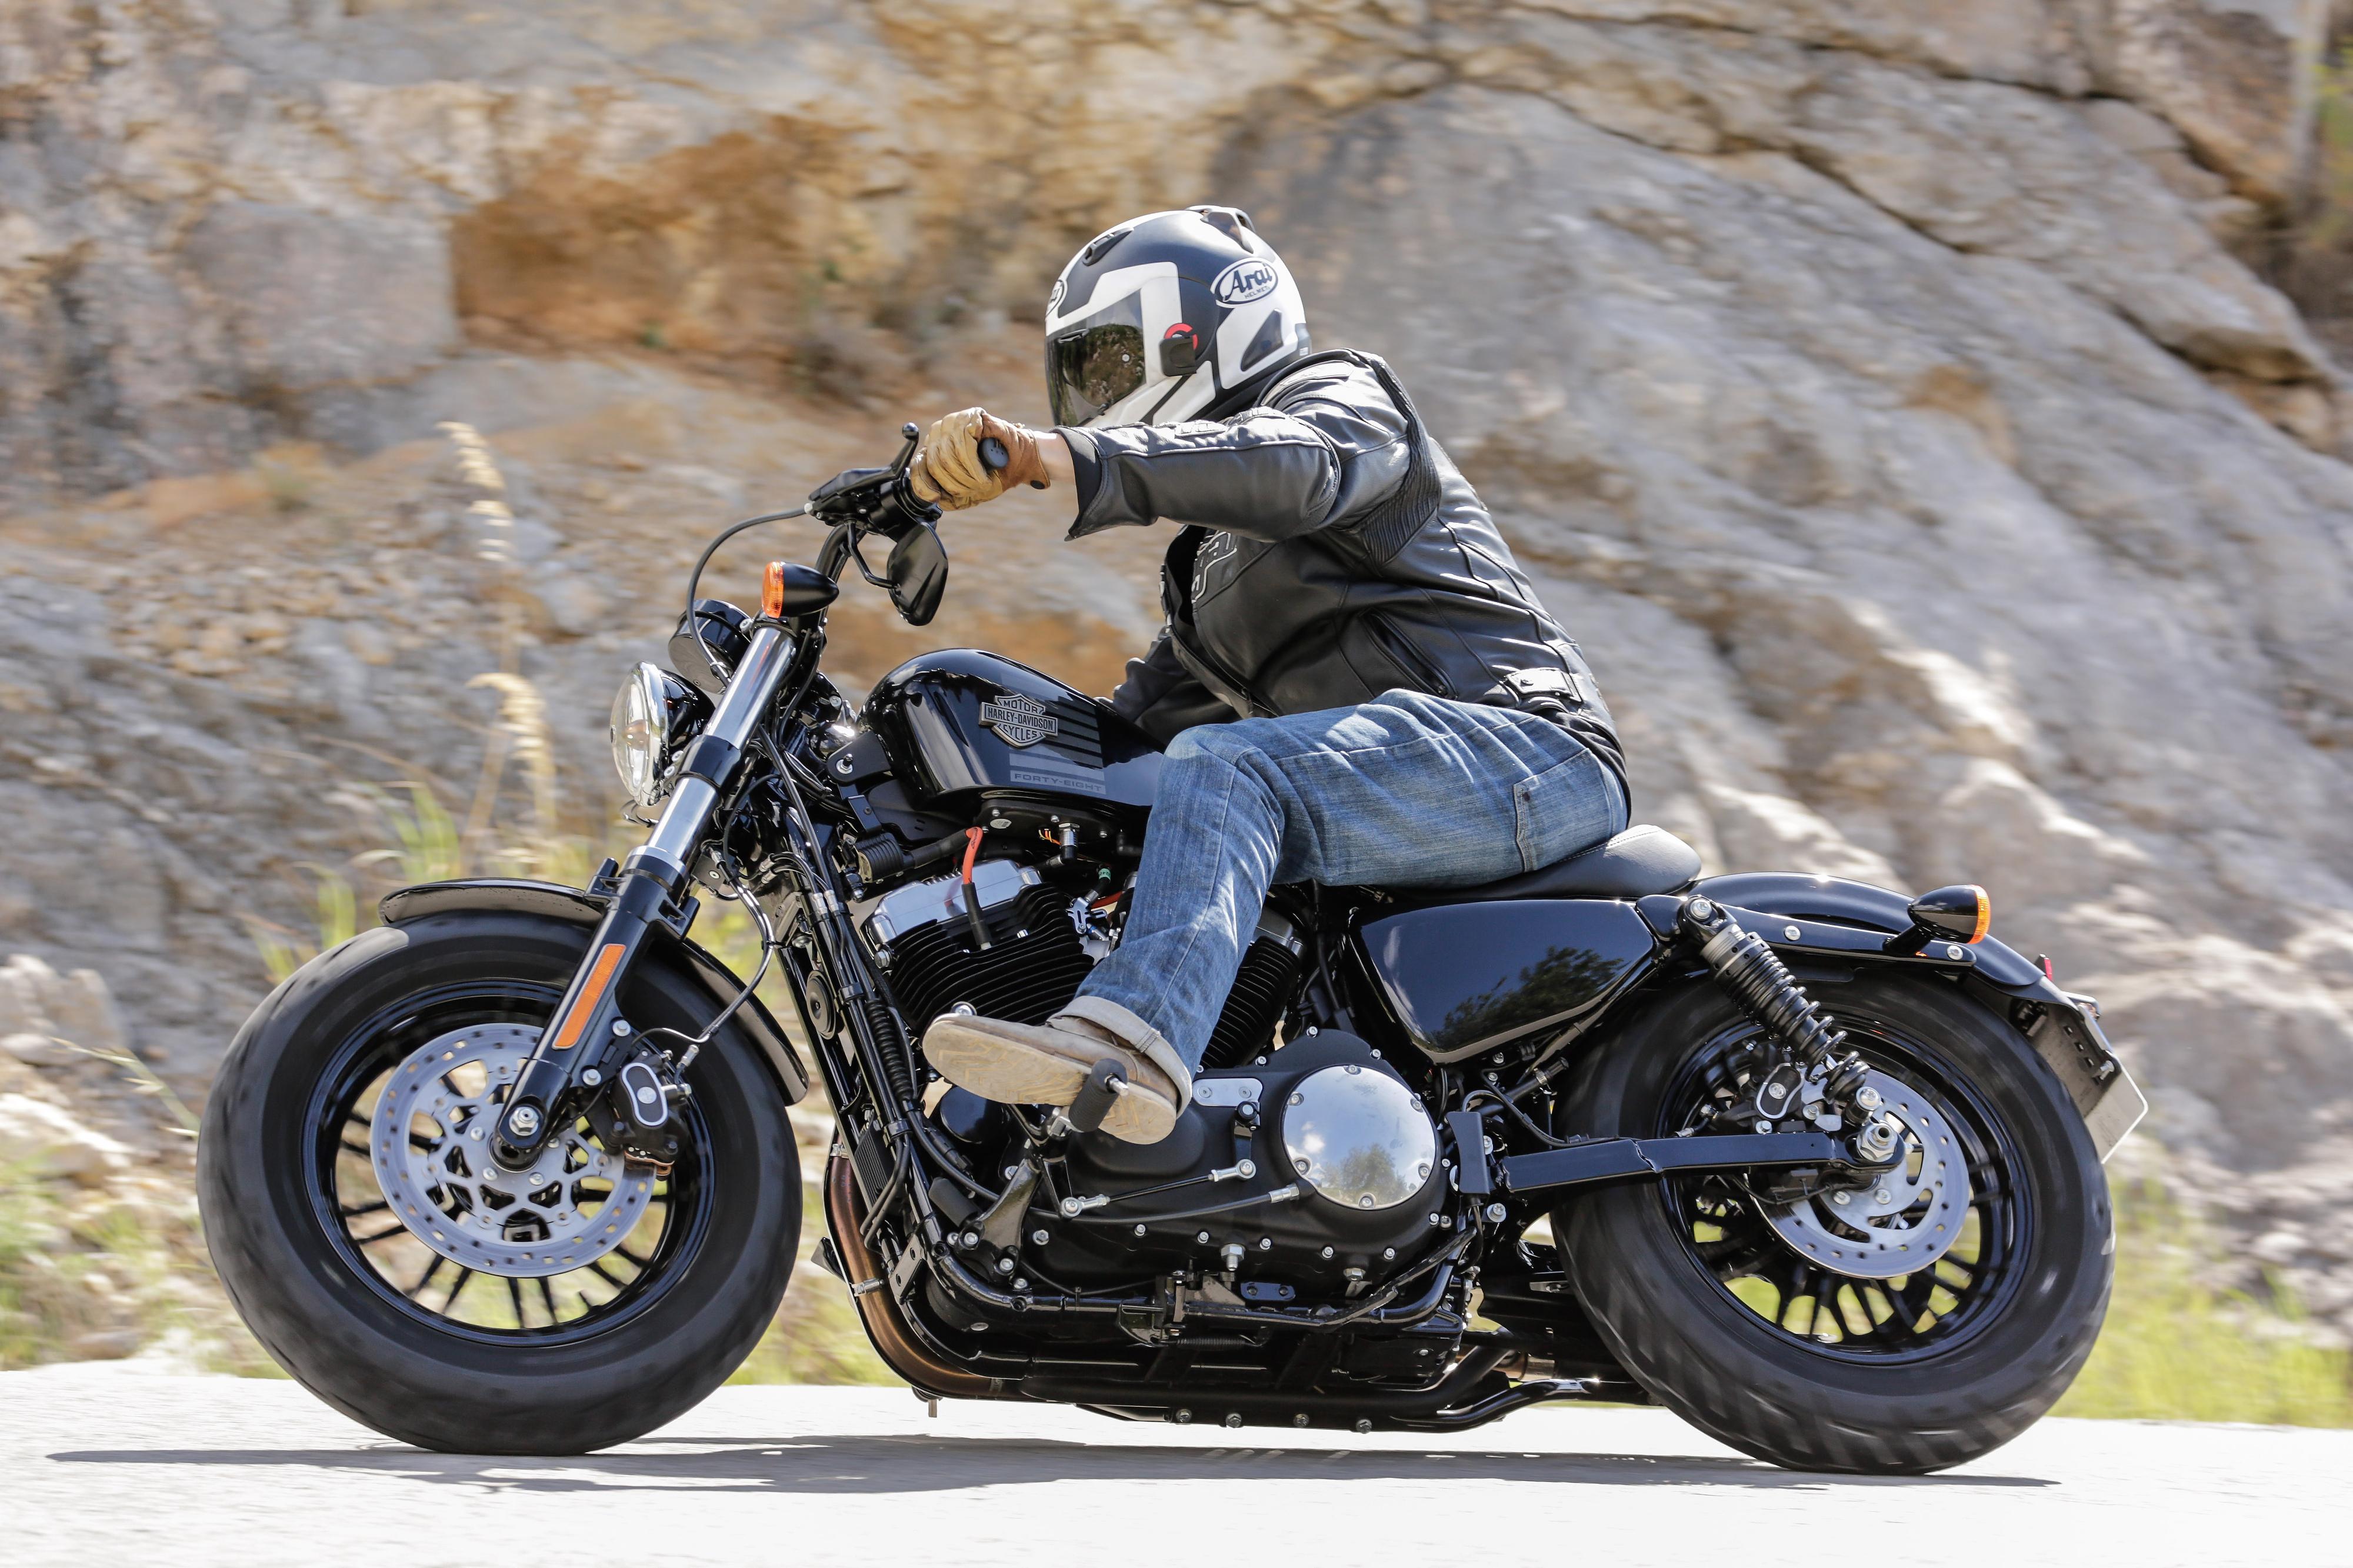 Video review: Harley-Davidson Sportster Forty-Eight roa... | Visordown